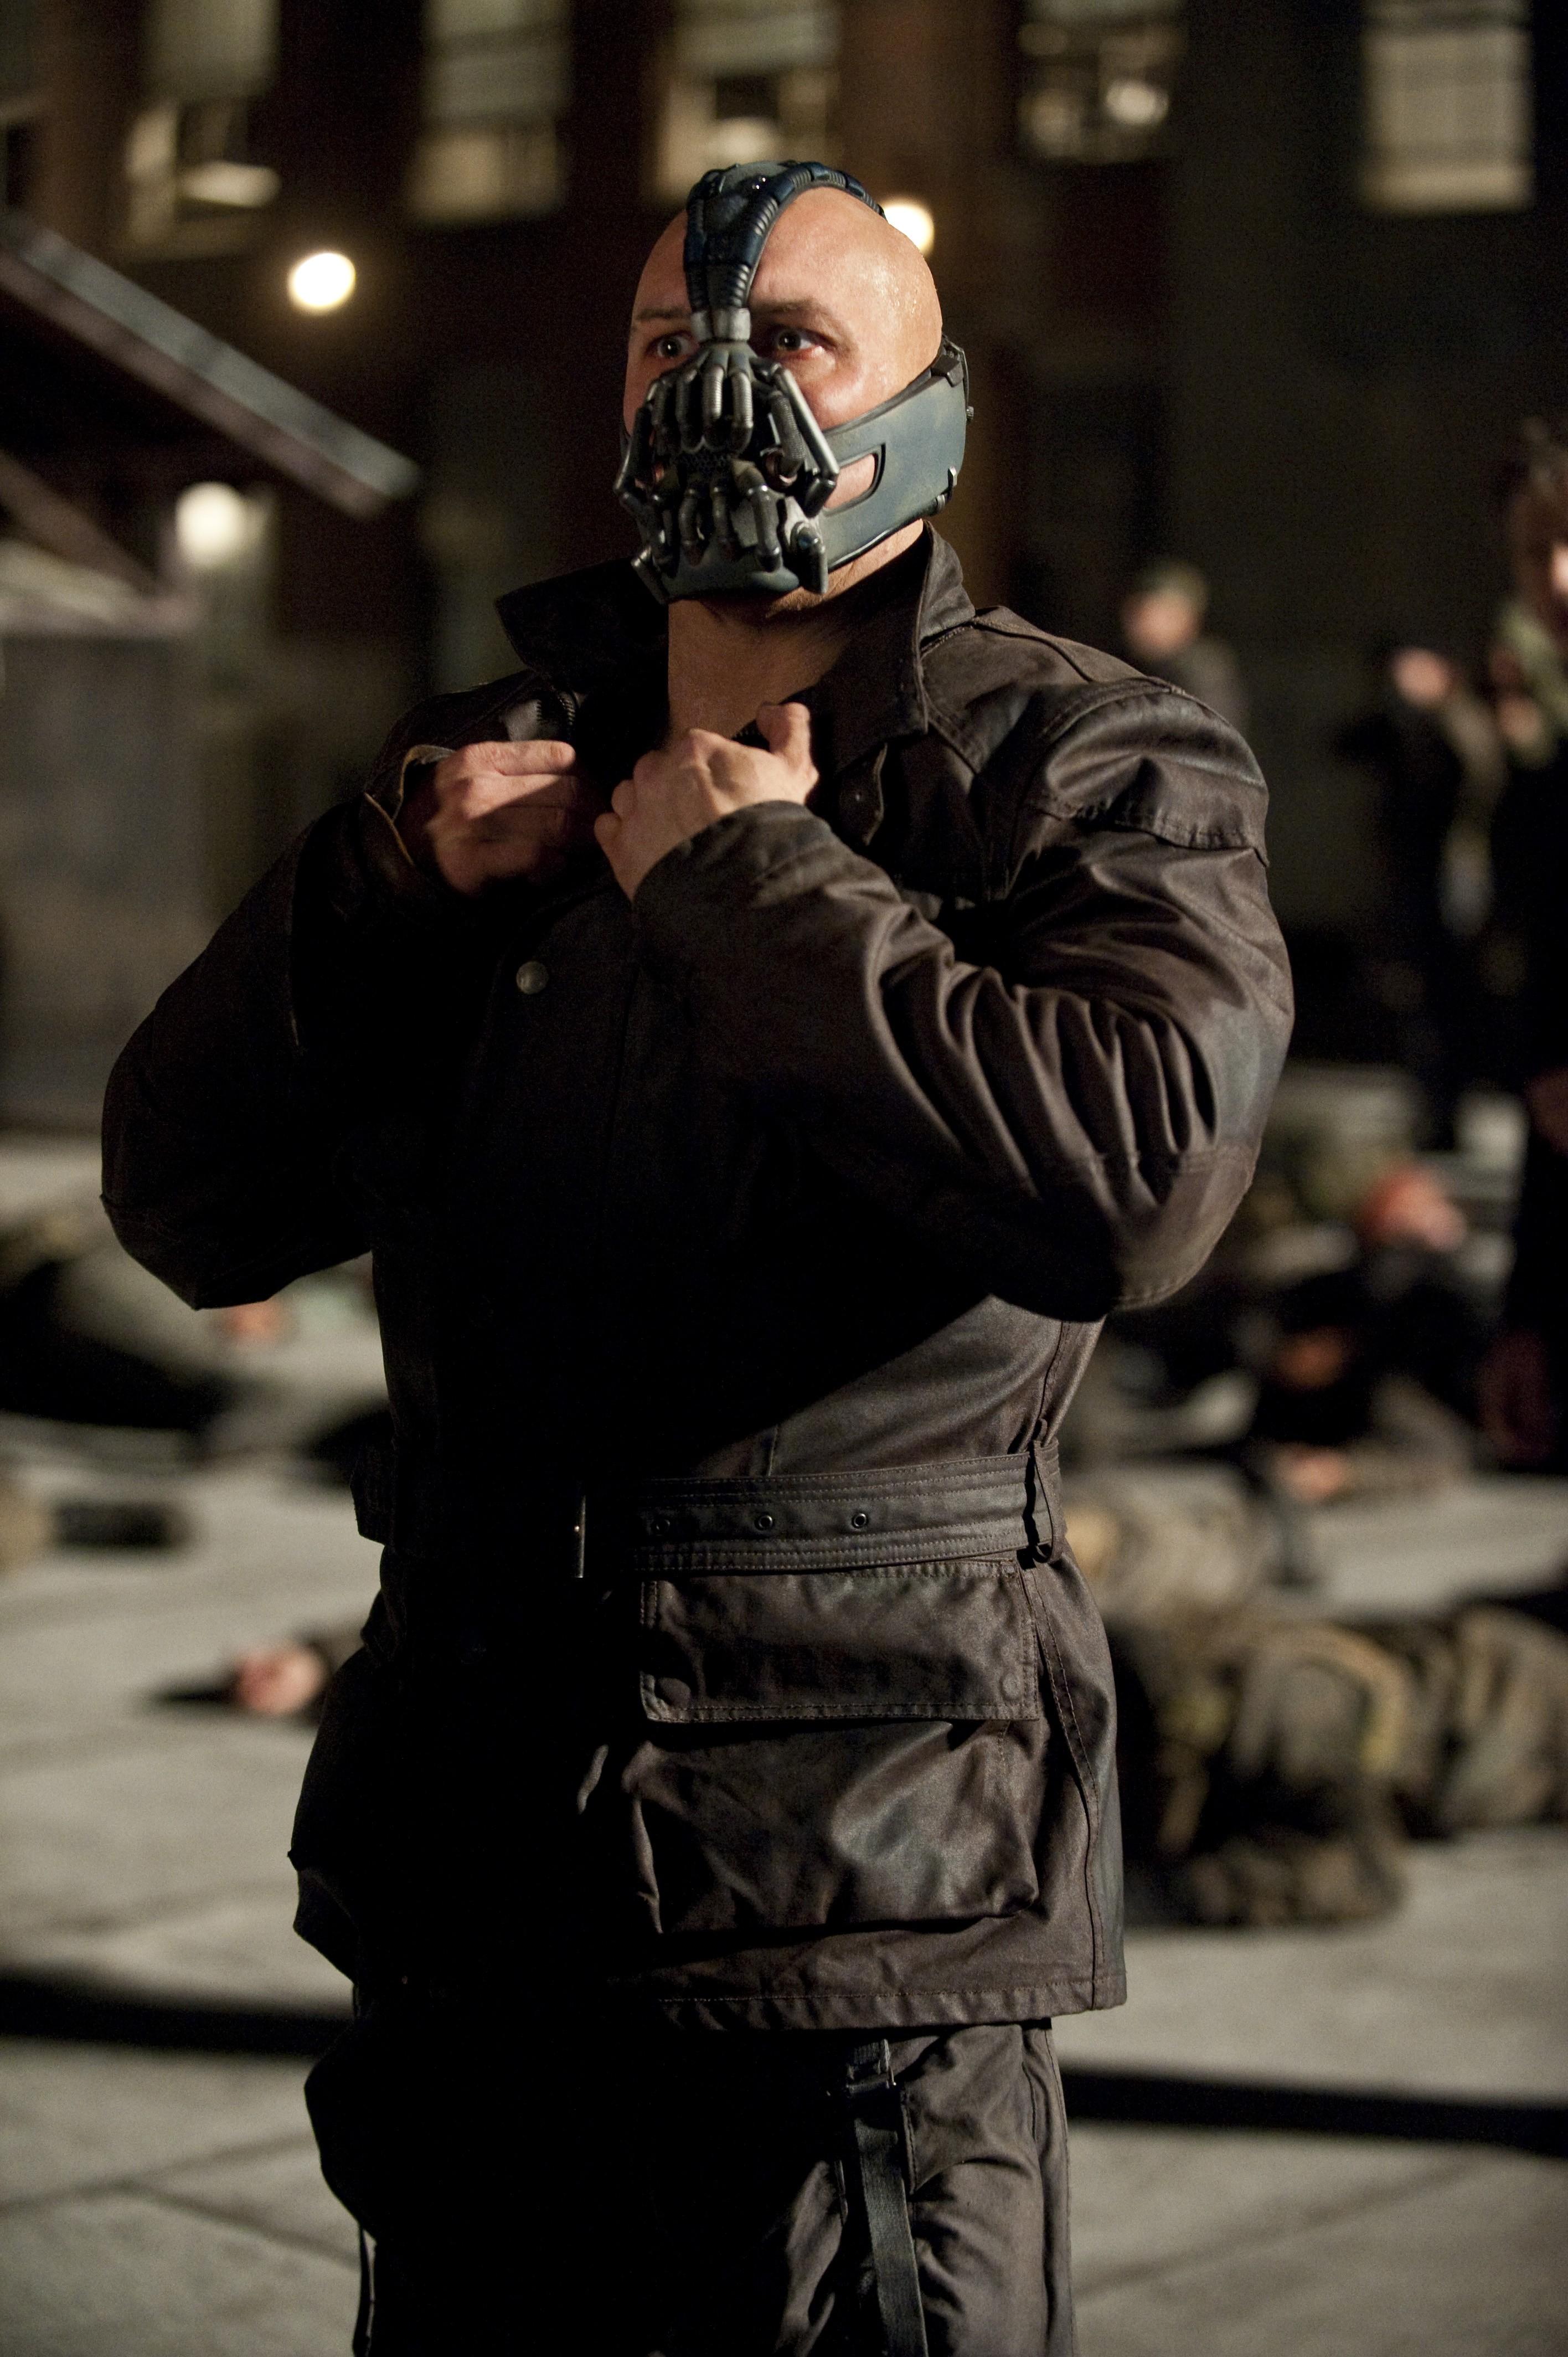 кадры из фильма Темный рыцарь: Возрождение легенды Том Харди,